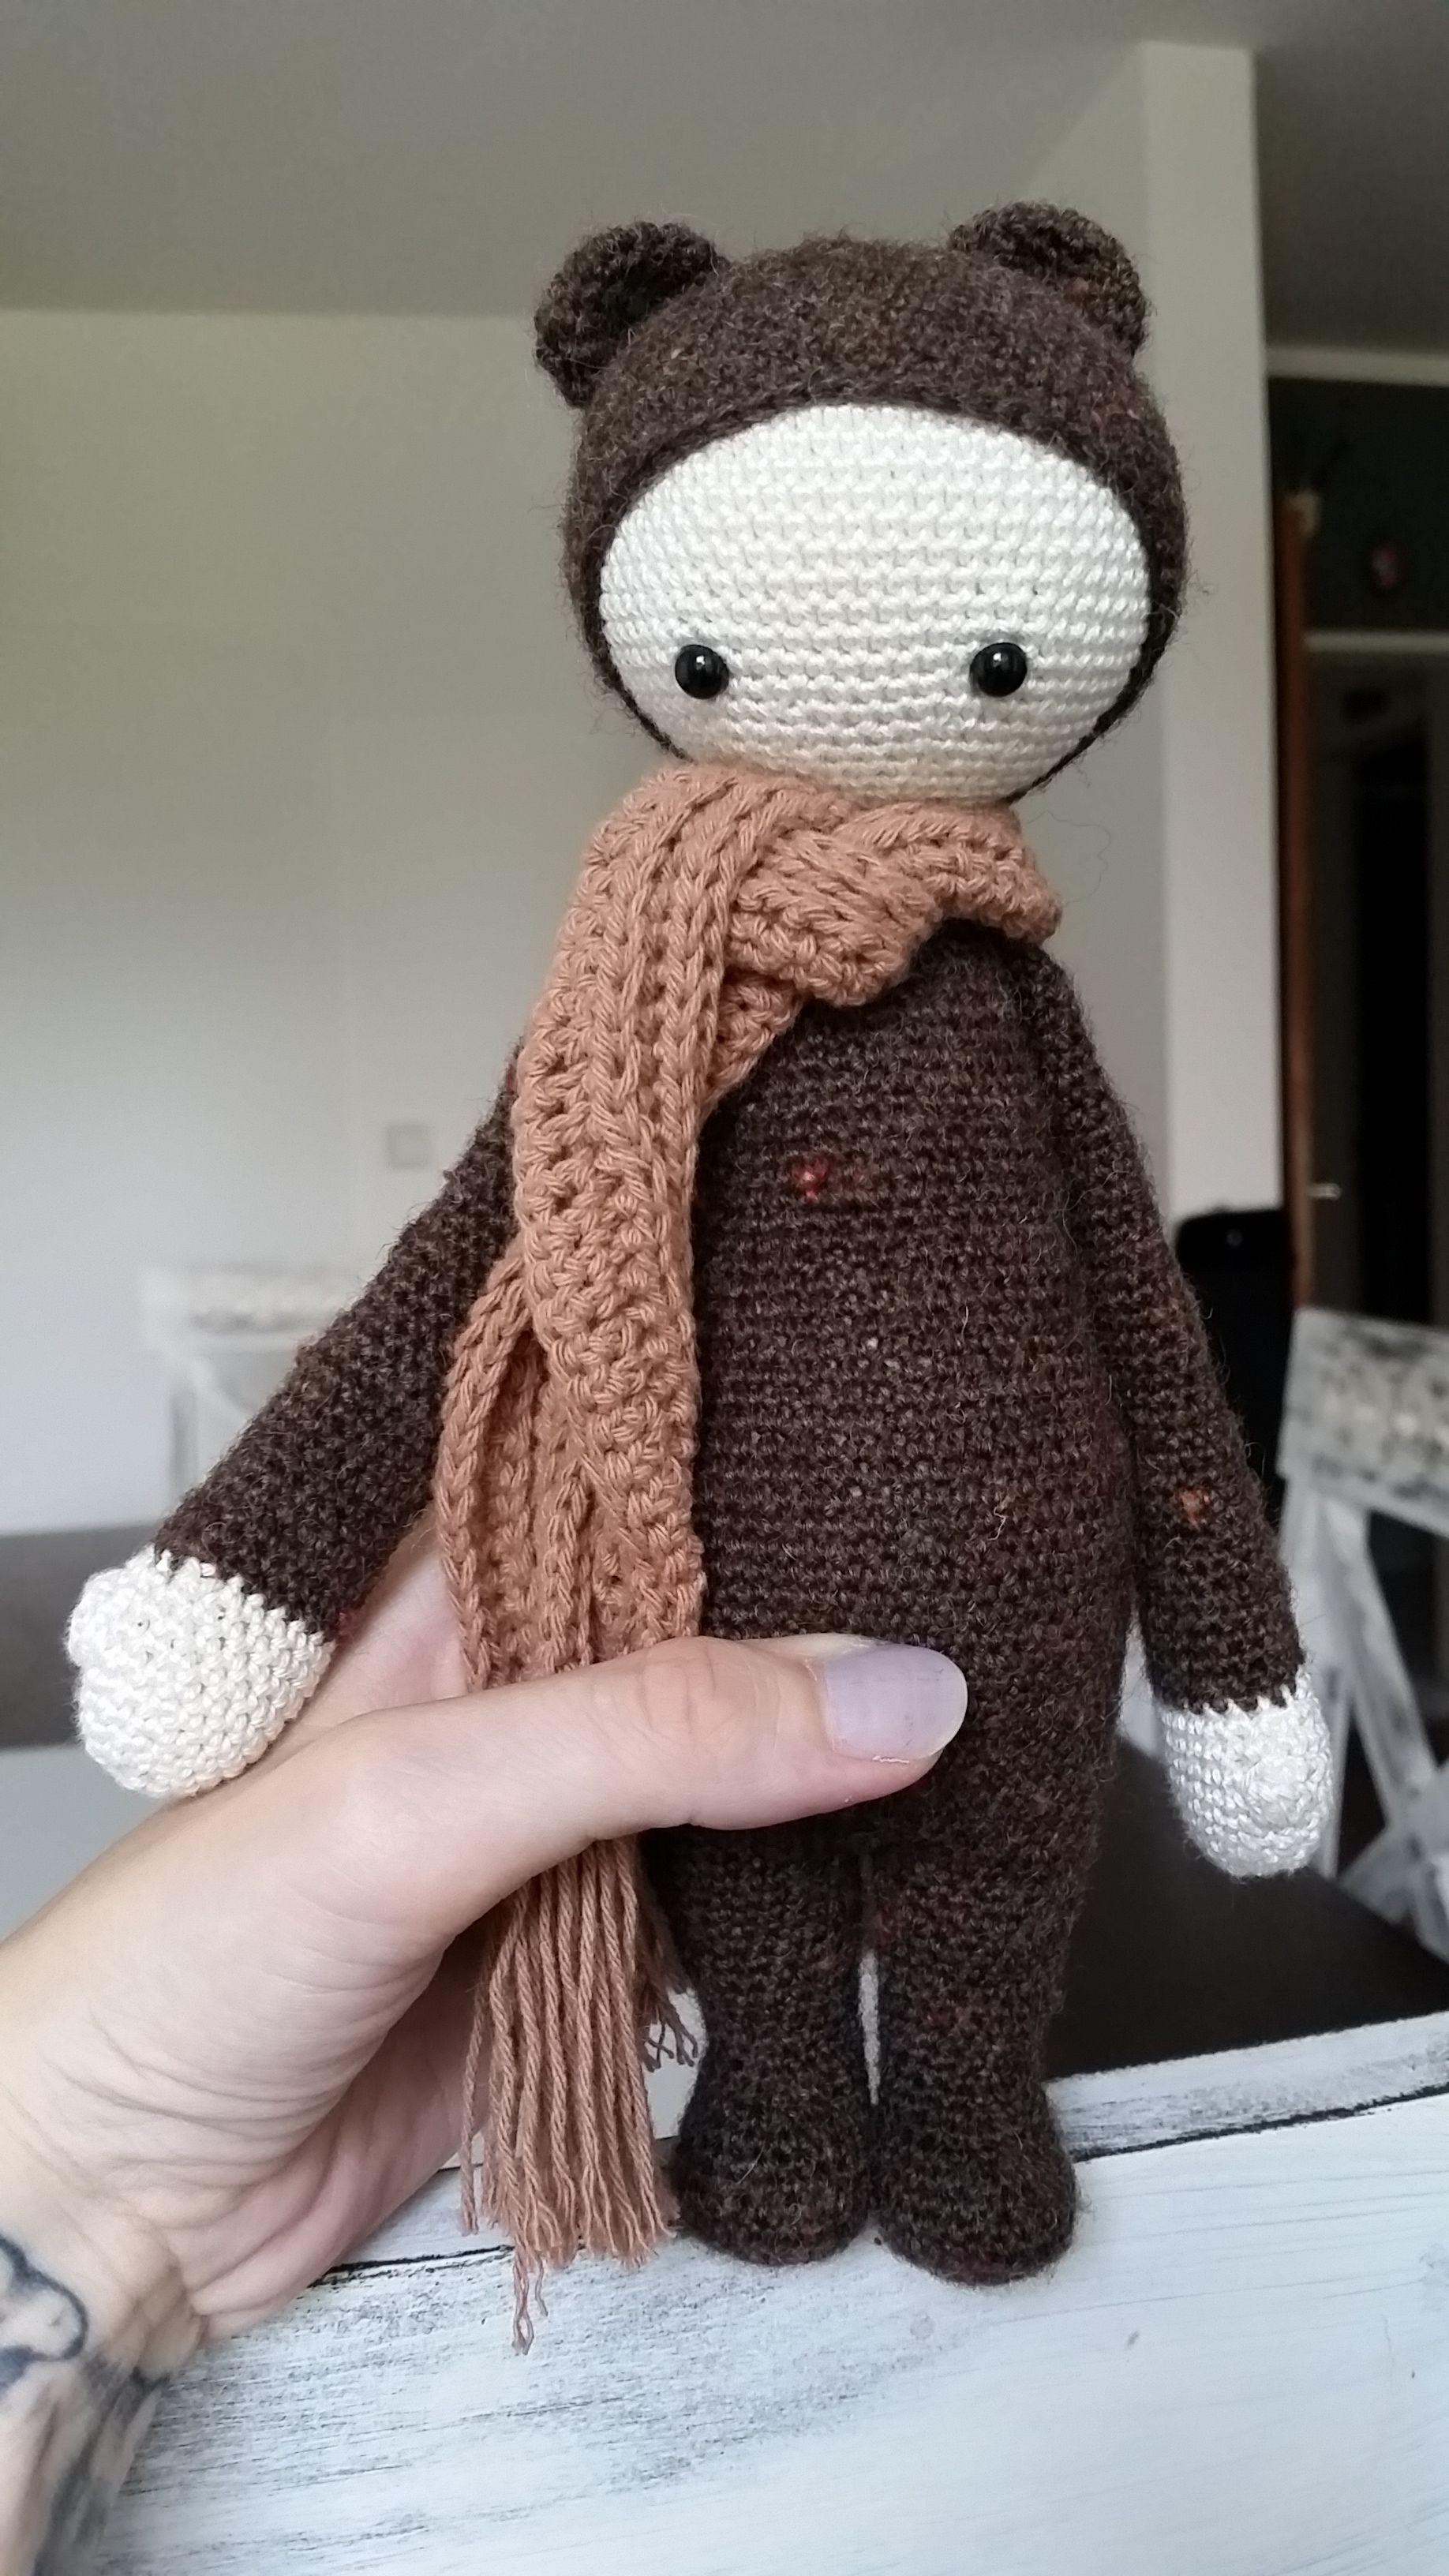 Bina the bear made by Nina D. / crochet pattern by lalylala